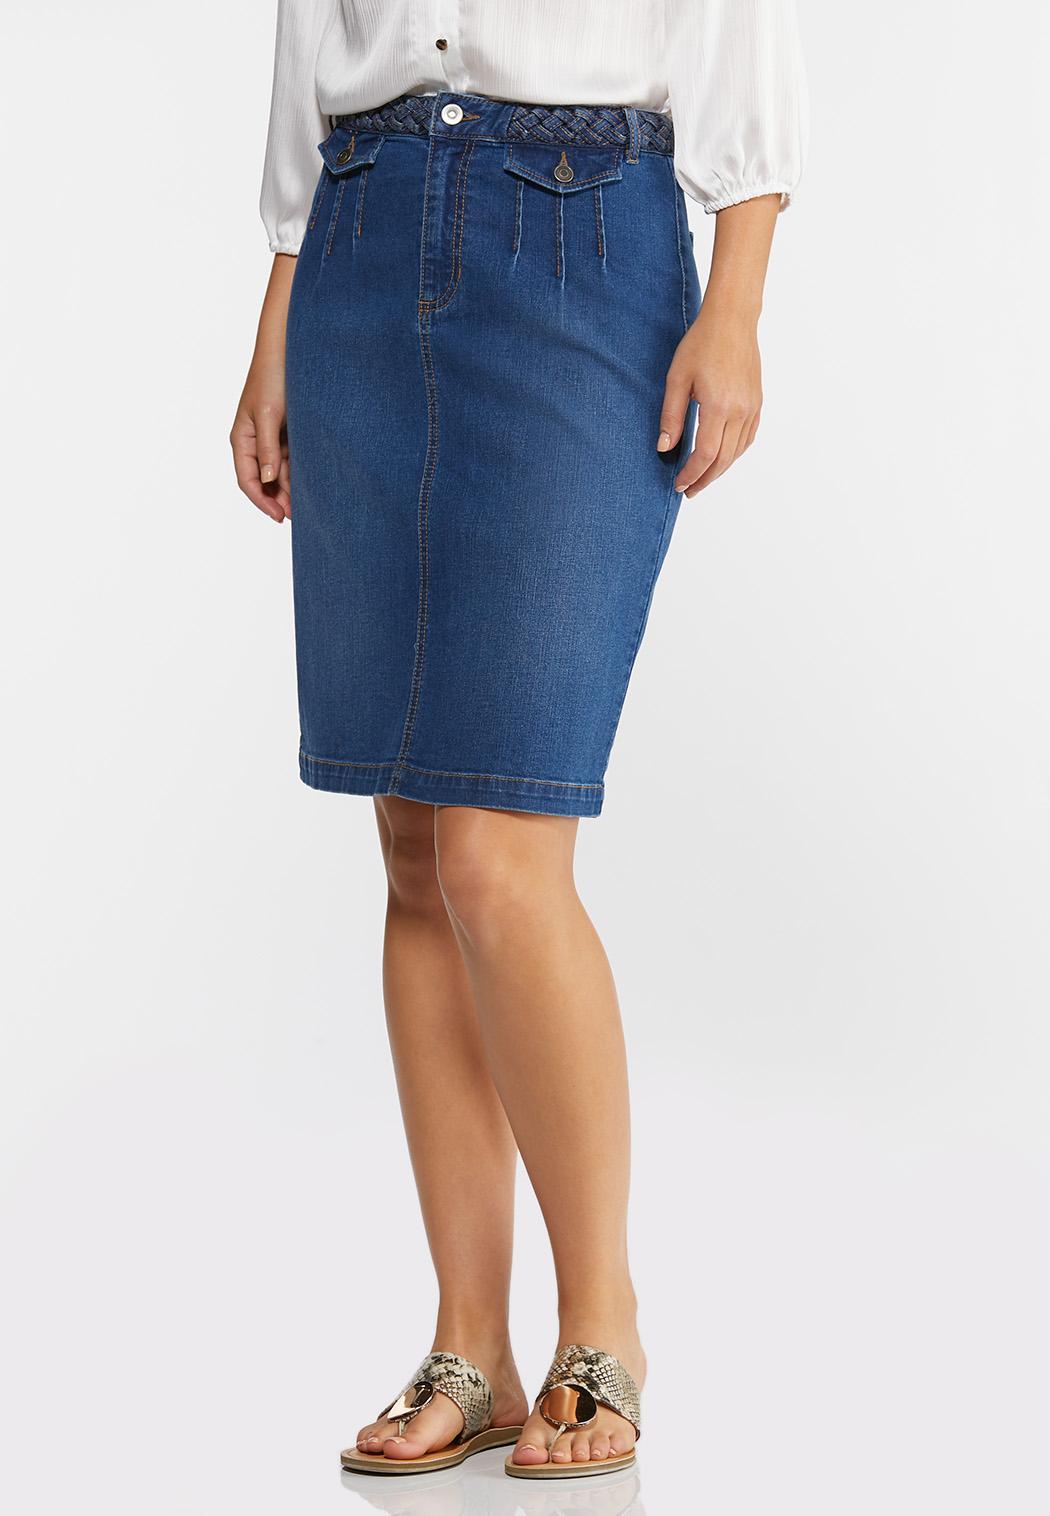 Braided Denim Skirt